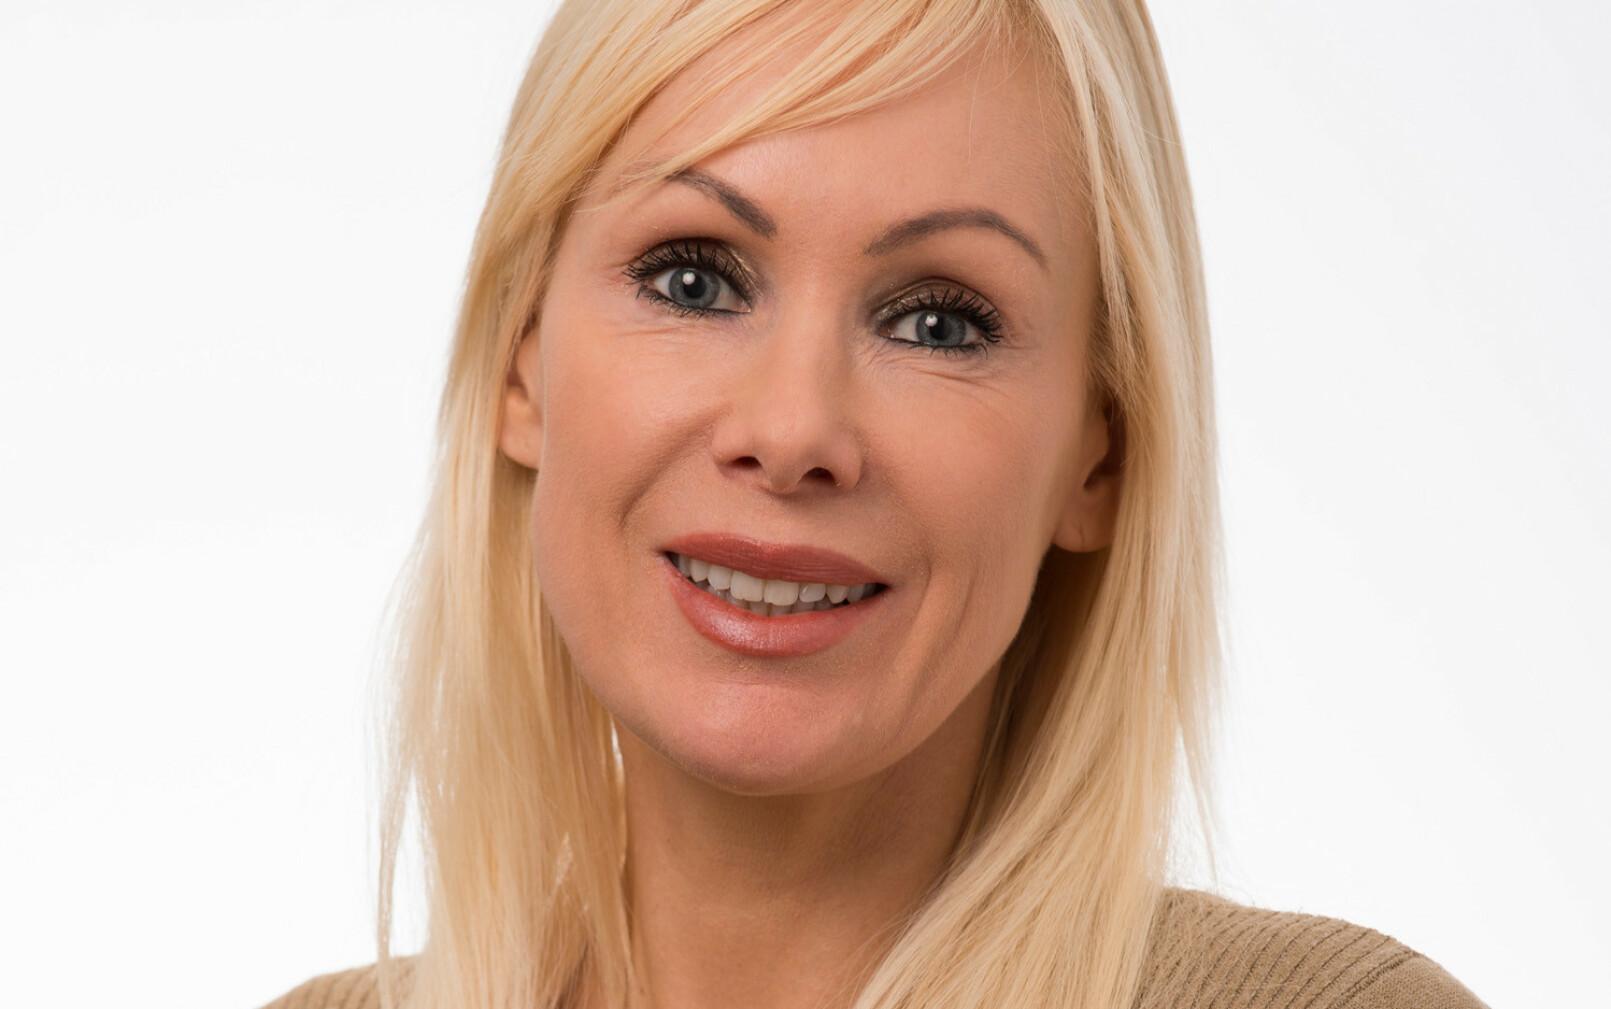 TRYGT Å TRENE: Men noen aktiviteter bør unngås, ifølge Lene Anette Hagen Haakstad.